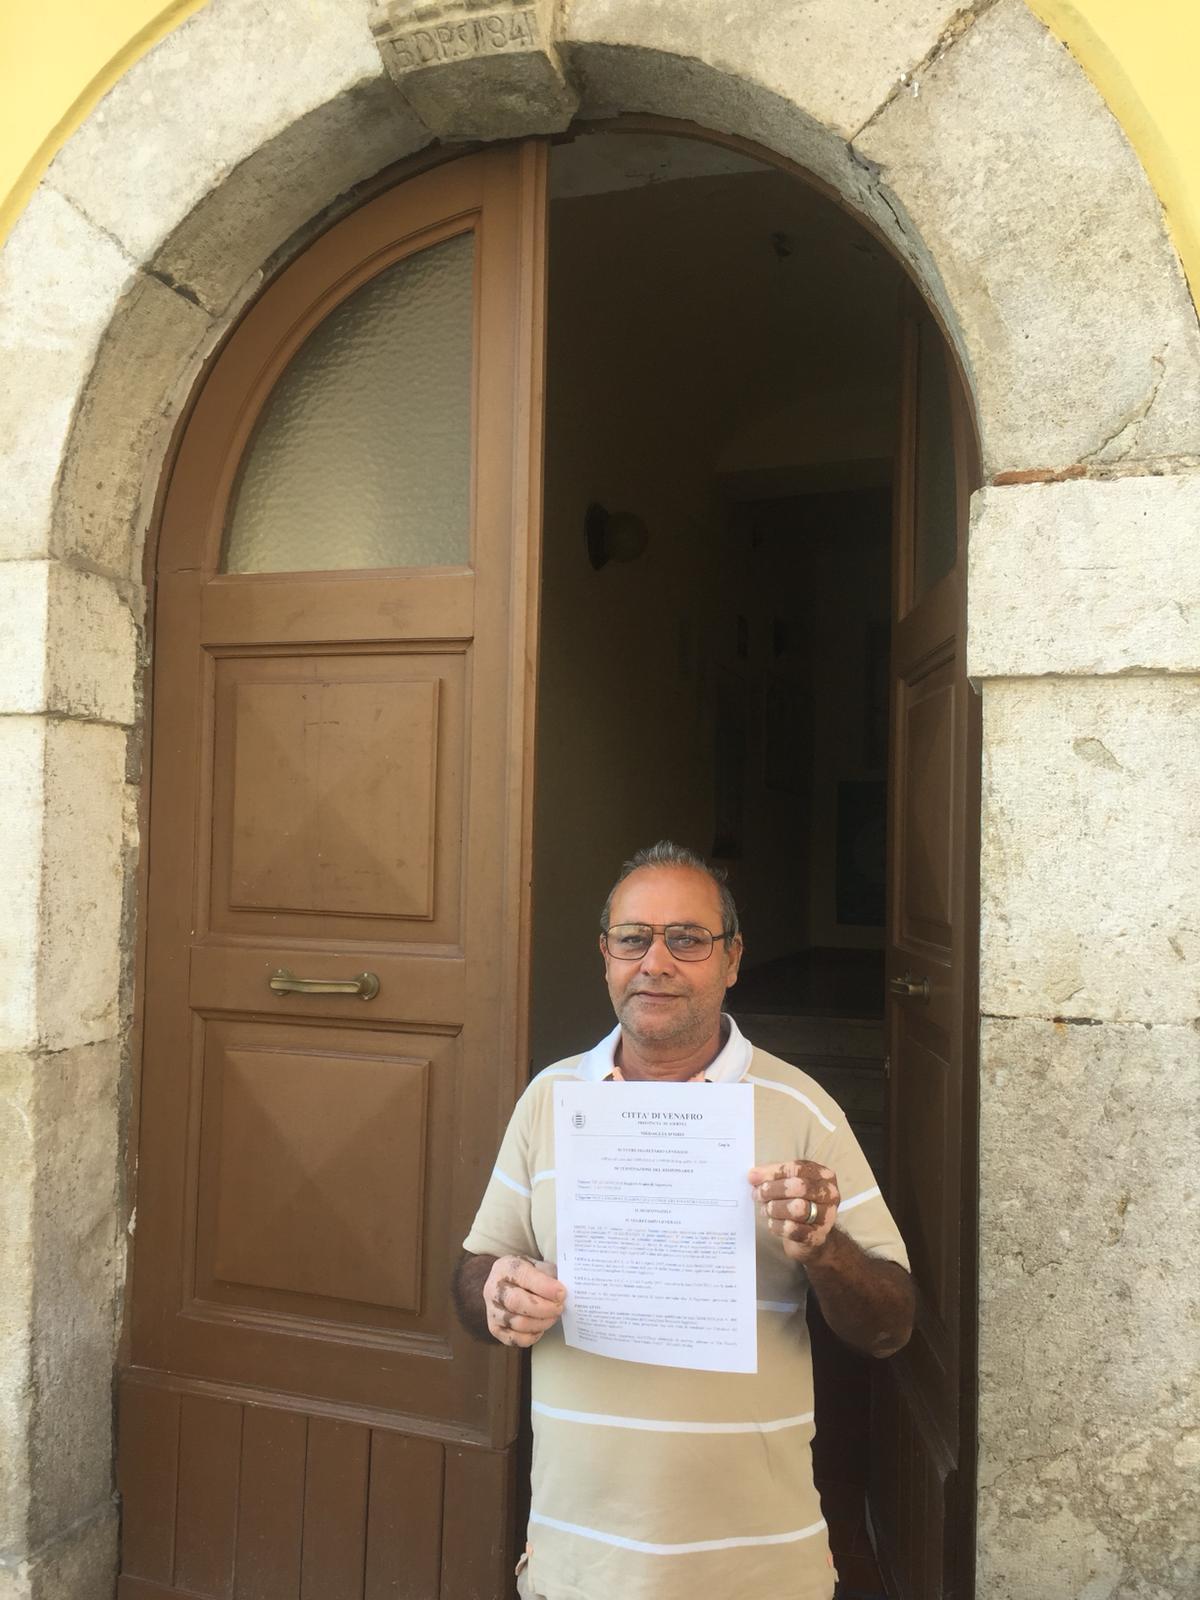 Venafro: nominato il Nuovo Consigliere comunale Straniero. Si tratto di Singh Rajinder. Originario dell'India. Vive e lavora in città da anni.